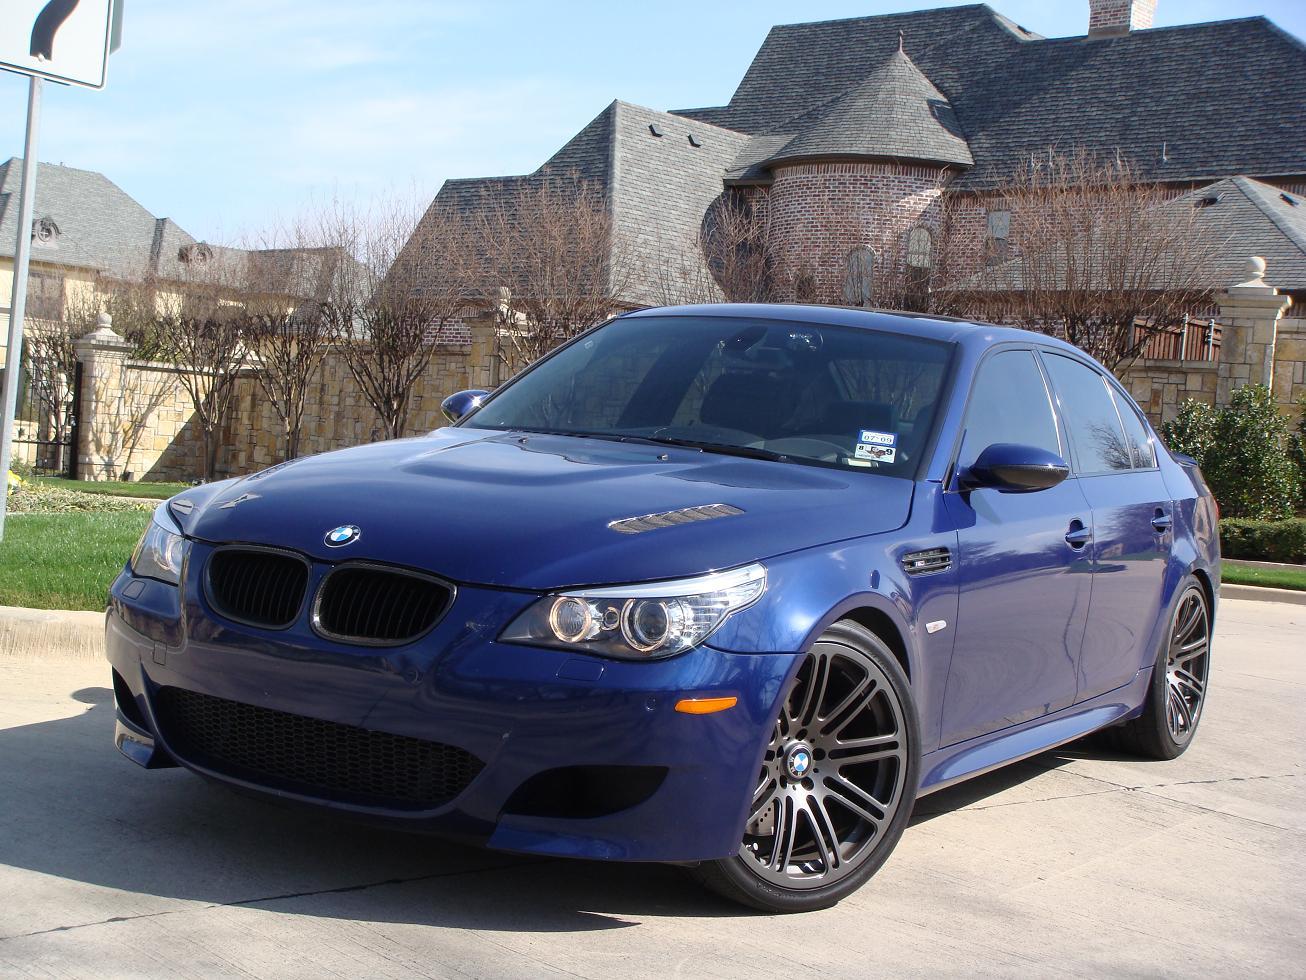 BMW M5 модель E60, характеристики автомобиля, фото.  BMW M5 E60 - это спортивный автомобиль четвертого поколения...